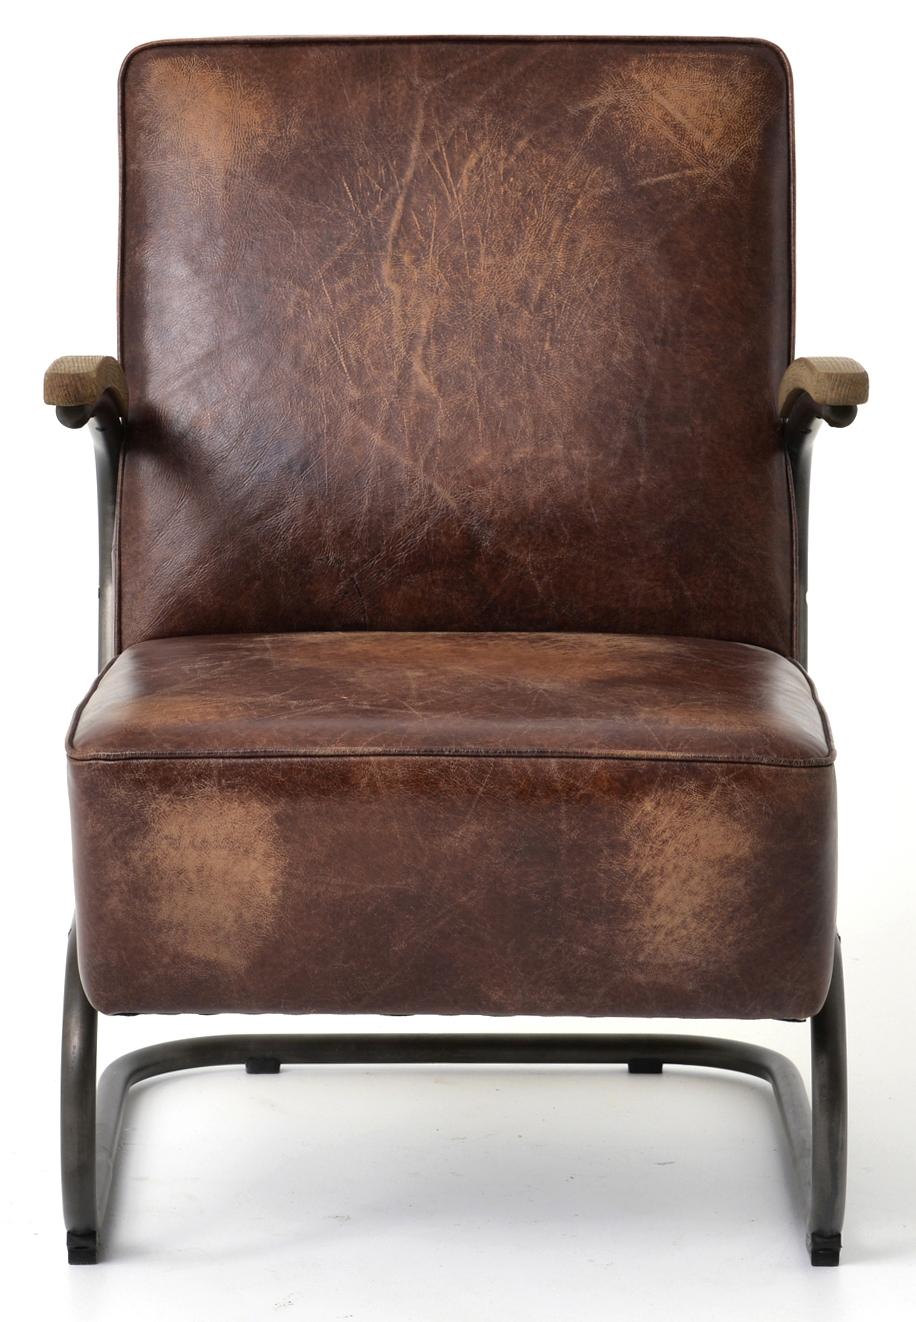 Four Hands Brown Leather Club Chair Cird 48e1c5 E3a5